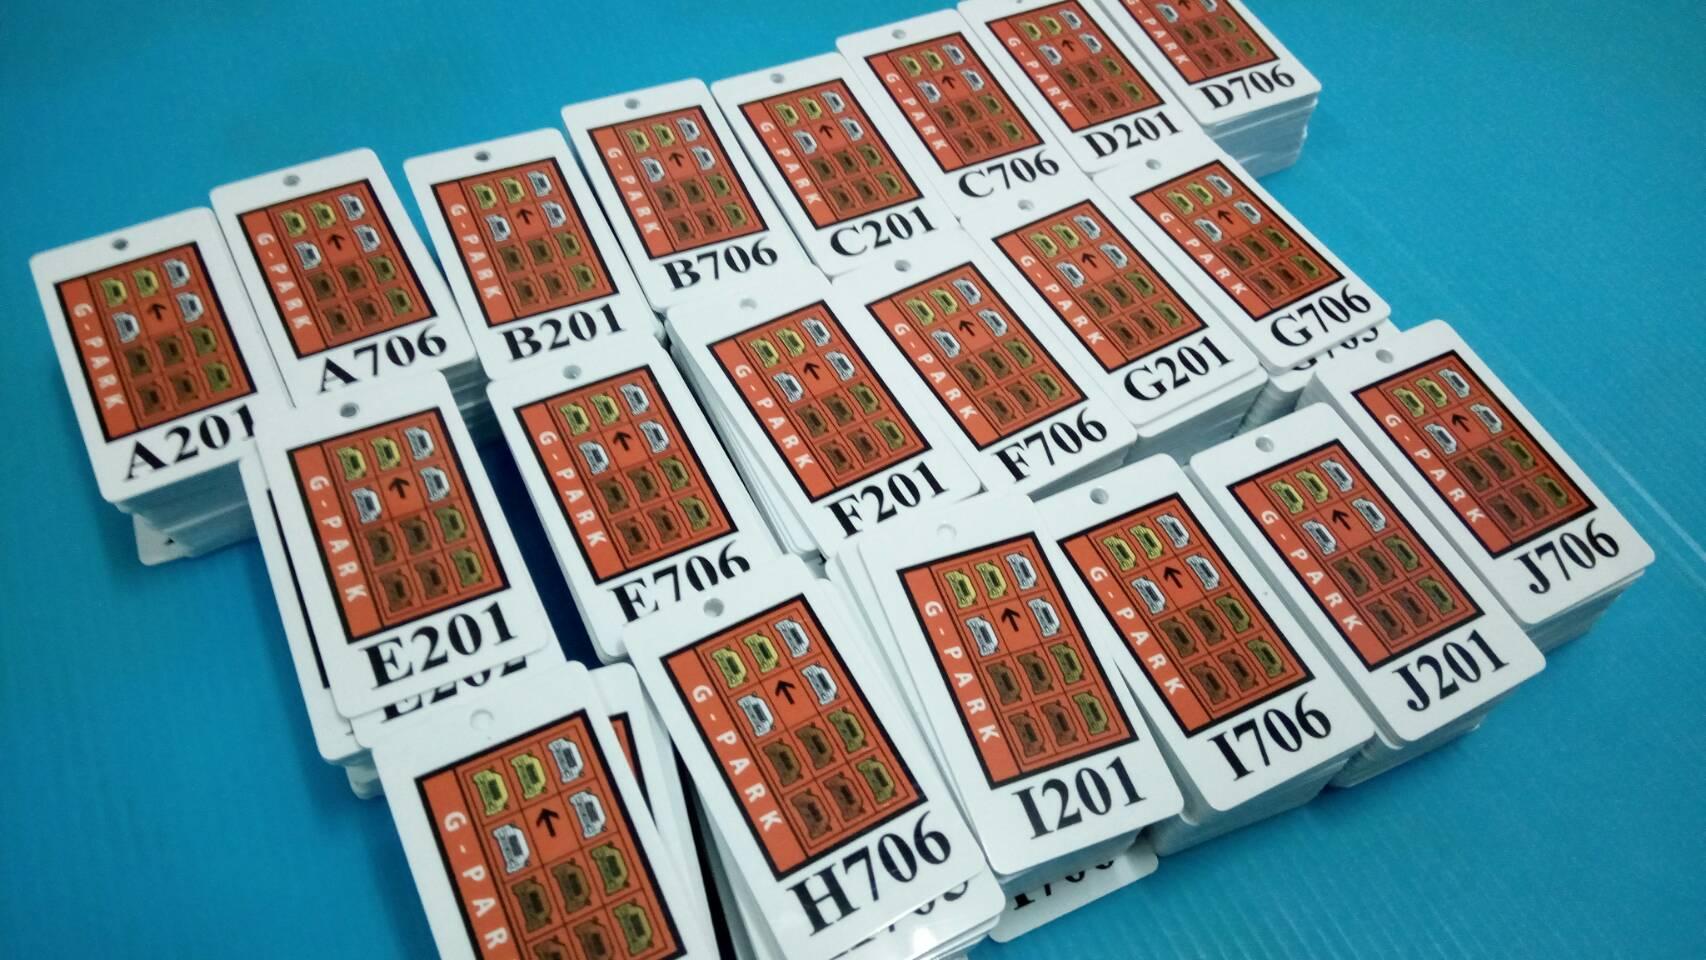 บัตรพลาสติกการ์ด - ArtMedia Card ทำบัตรพวงกุญแจ ราคาถูก บัตรเจาะรู บัตรรันบาร์โค๊ด บัตรรันเลขไม่ซ้ำ ทำบัตรสมาชิก บัตรพลาสติกขนาดเล็ก